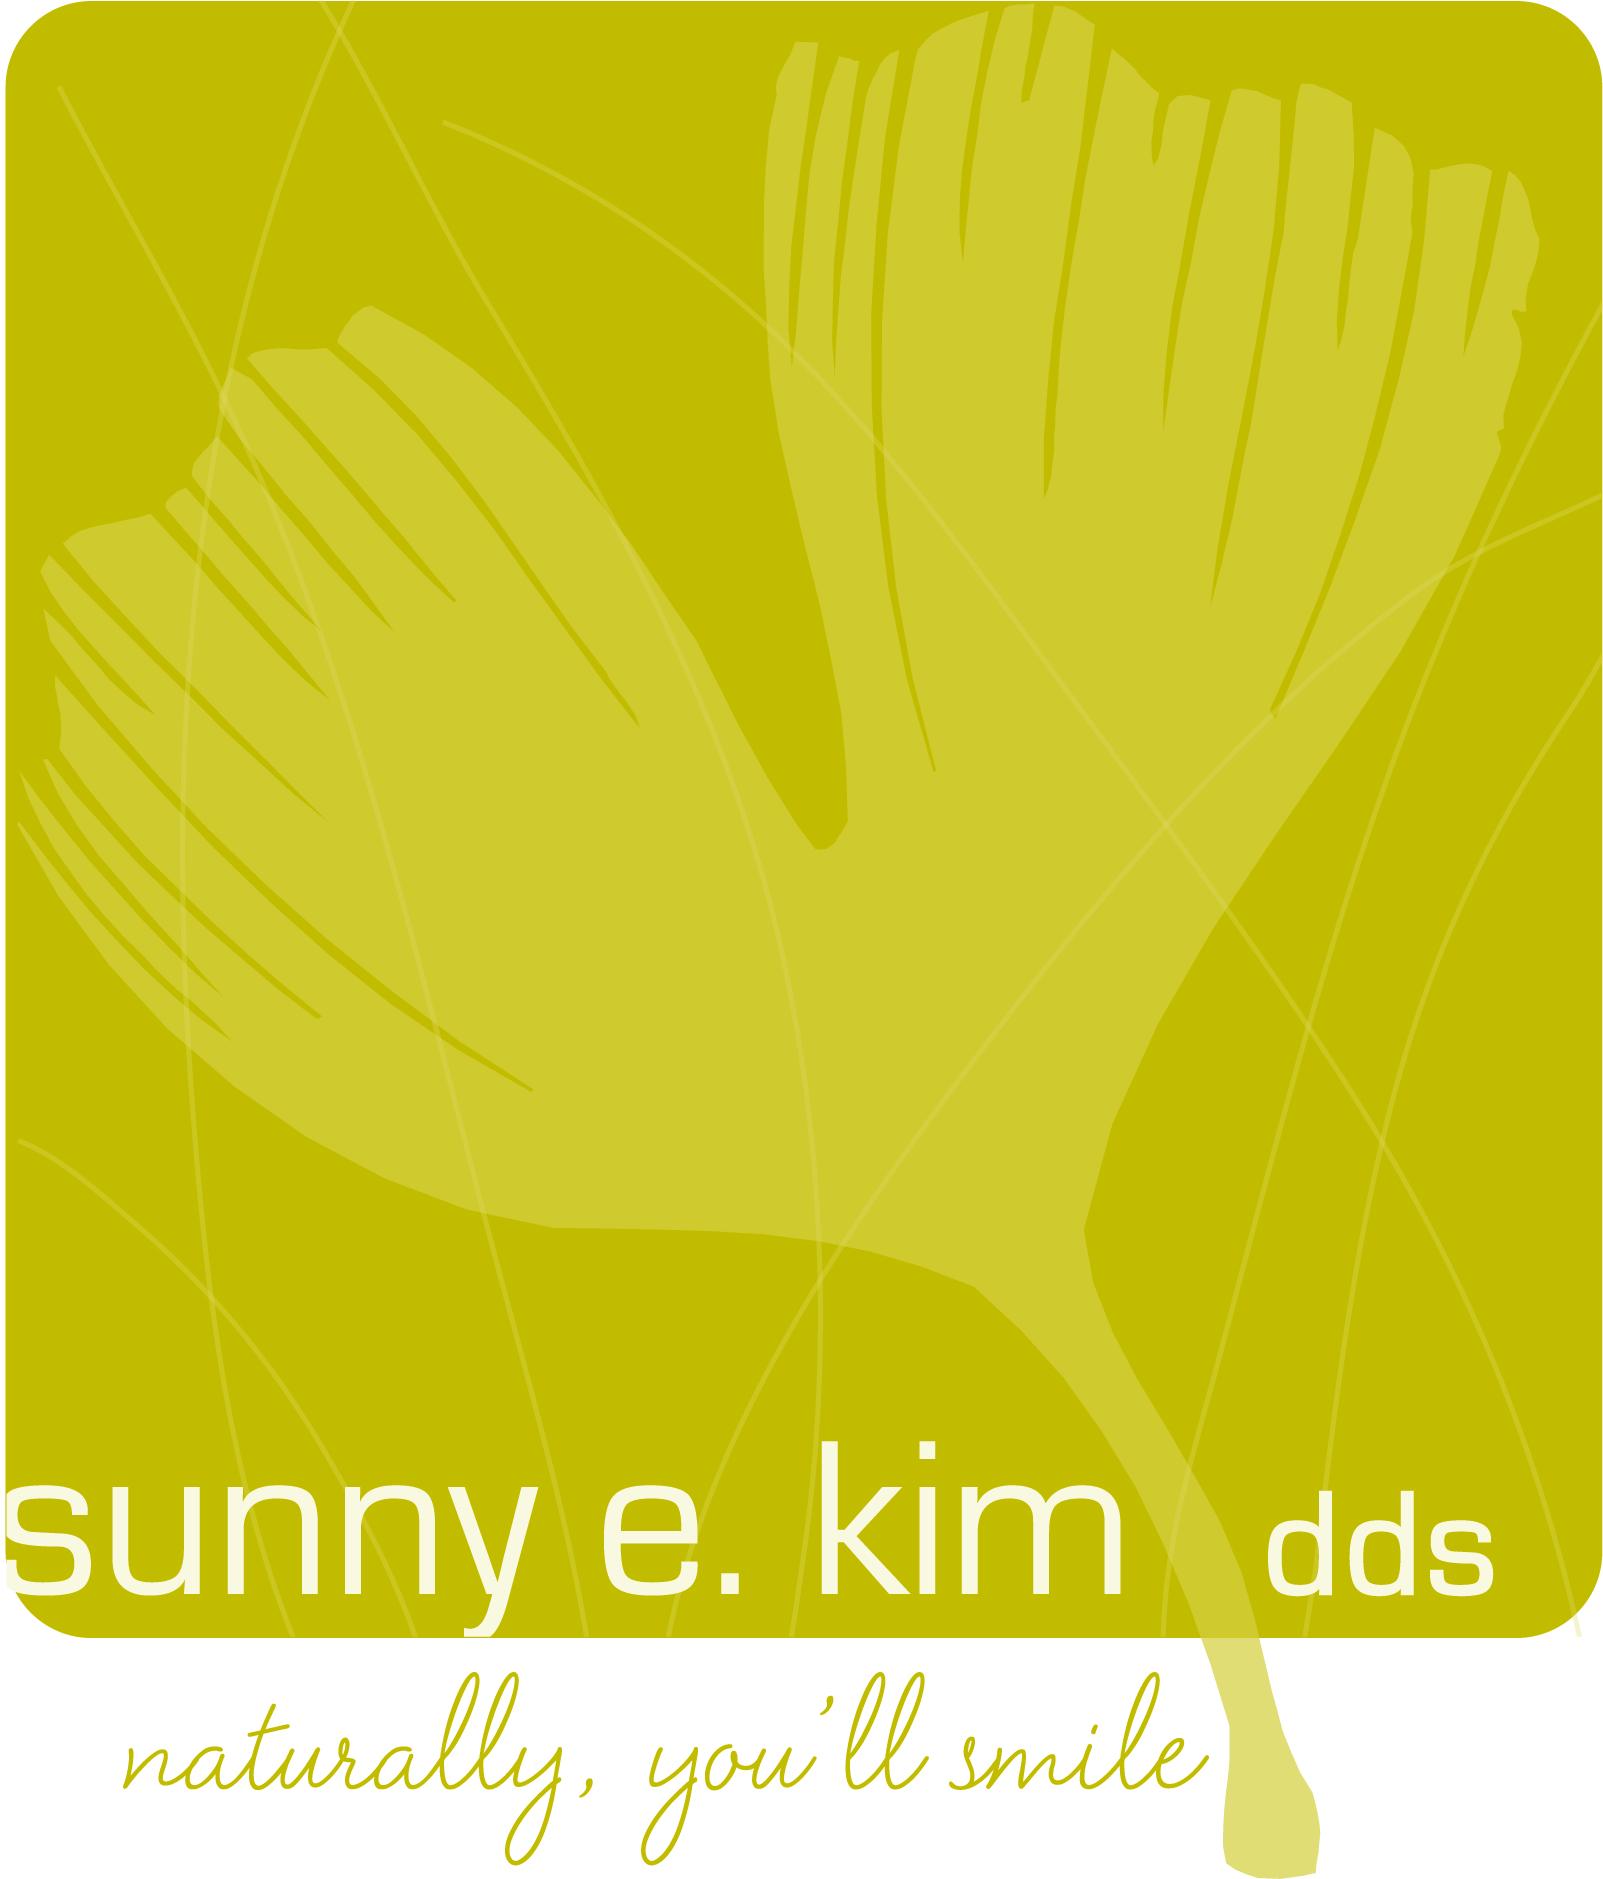 SunnyFinalFlat.jpg